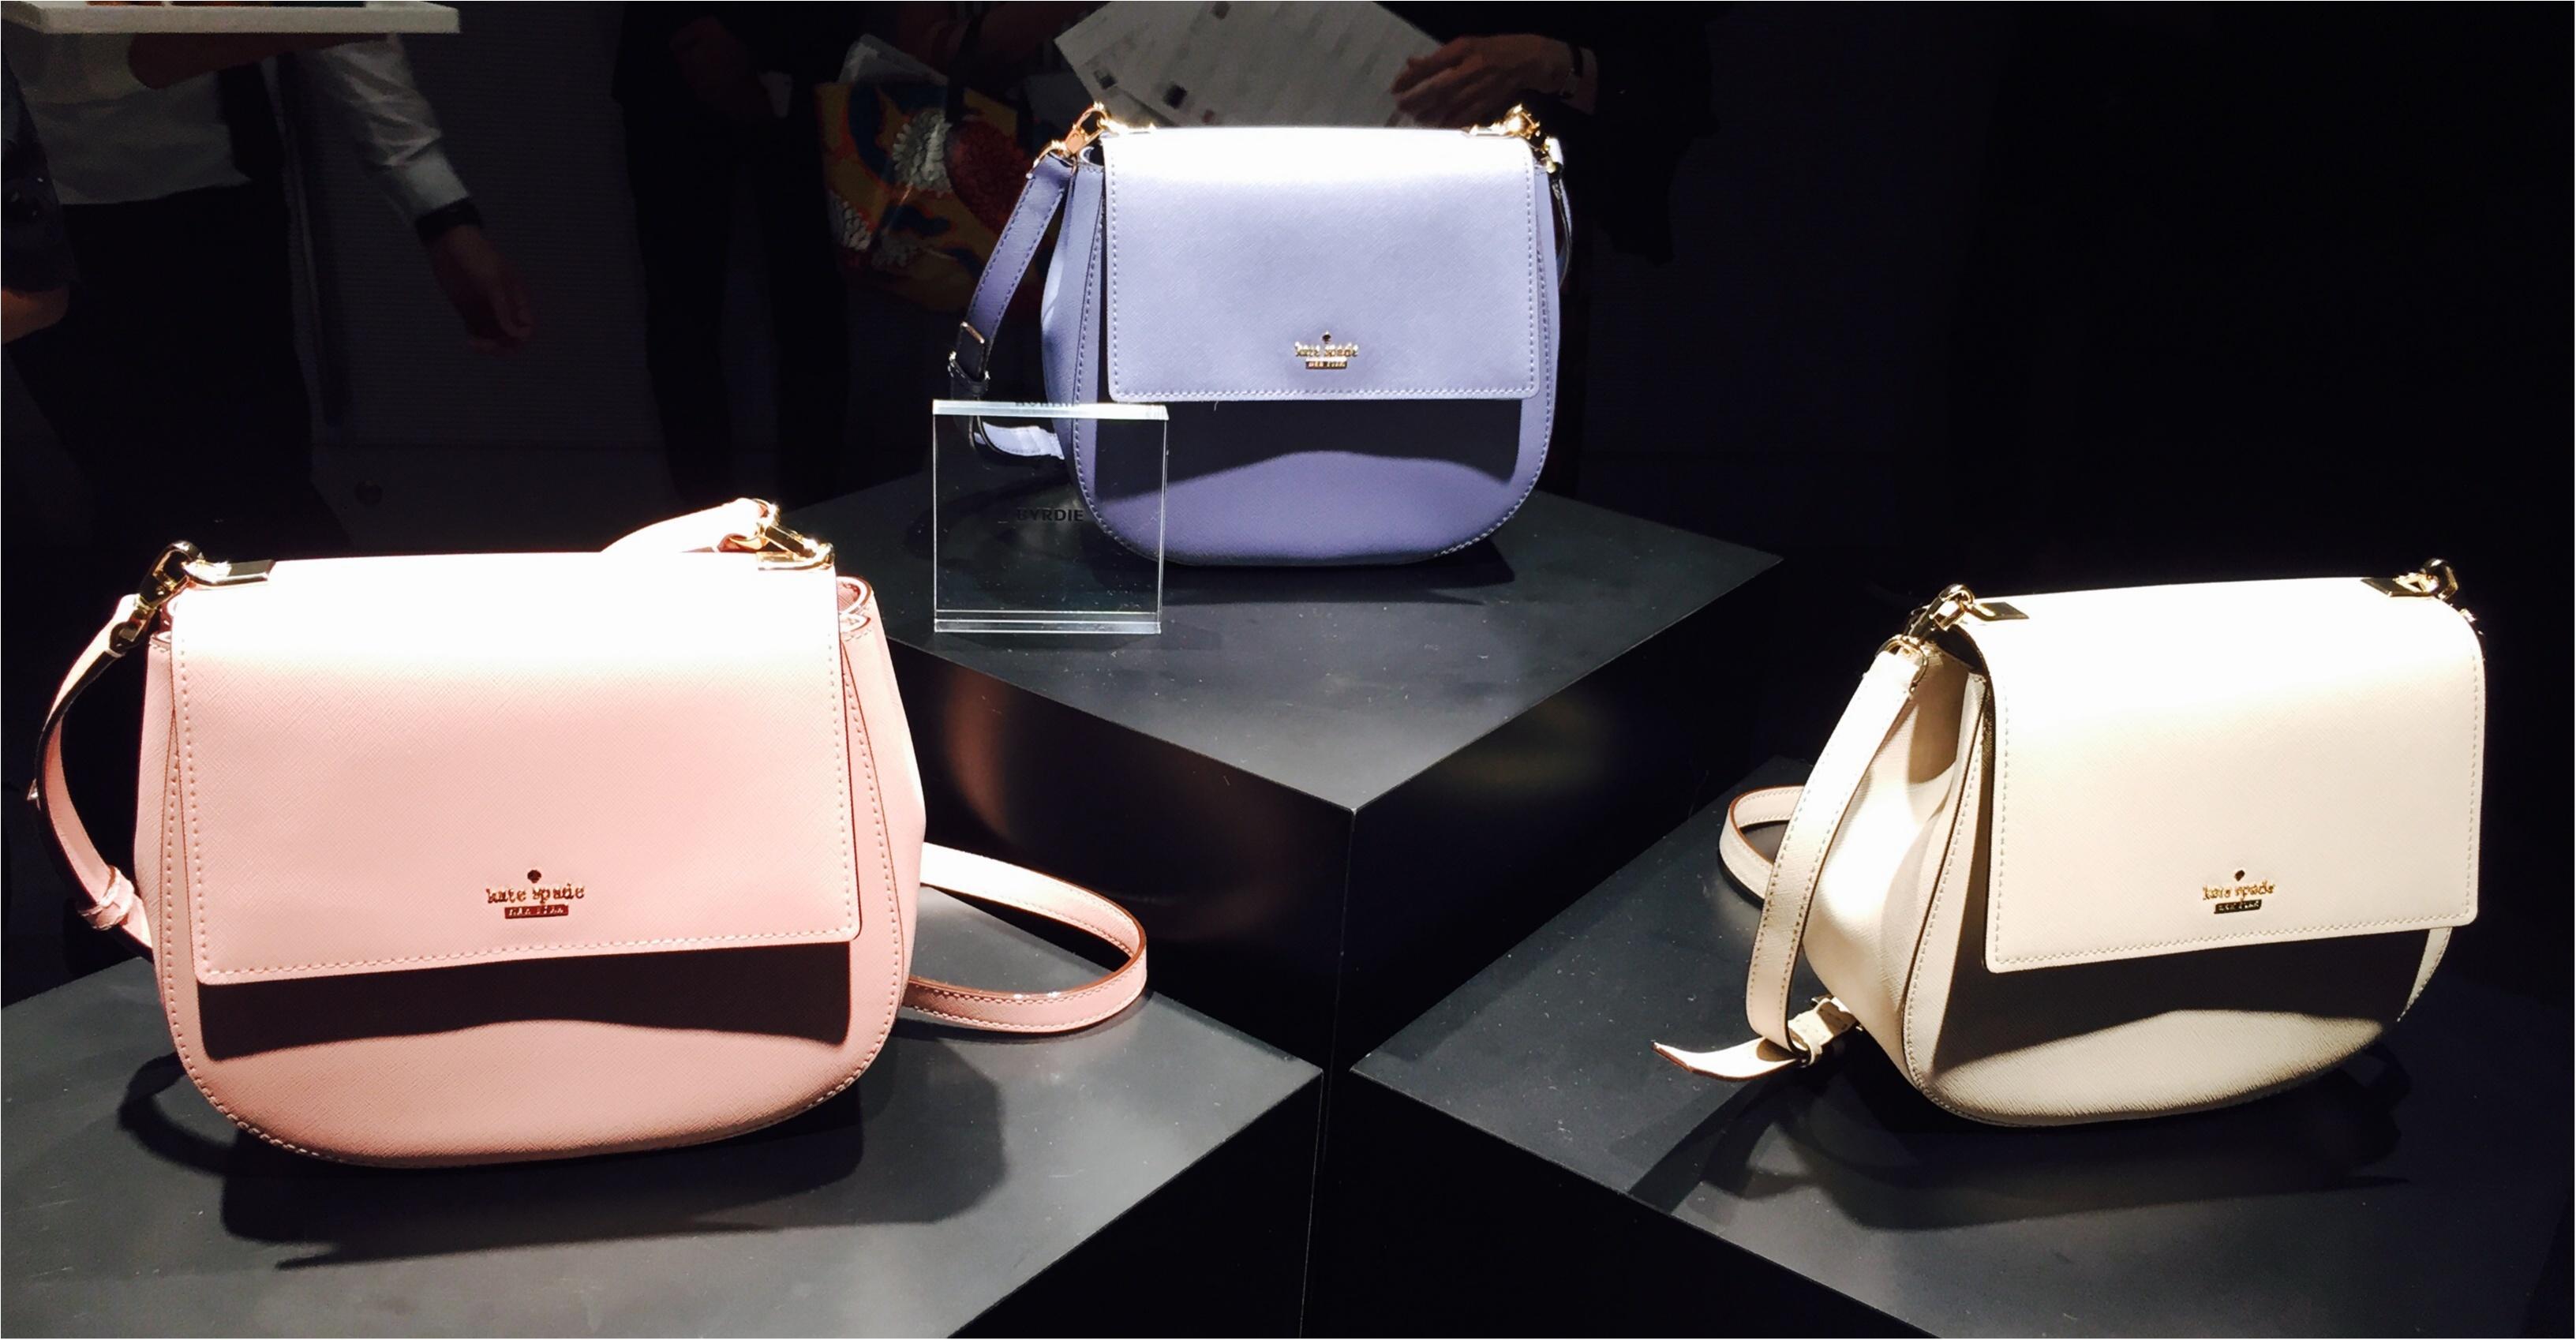 ケイト・スペード ニューヨーク、秋のバッグはどれを選ぶ?_1